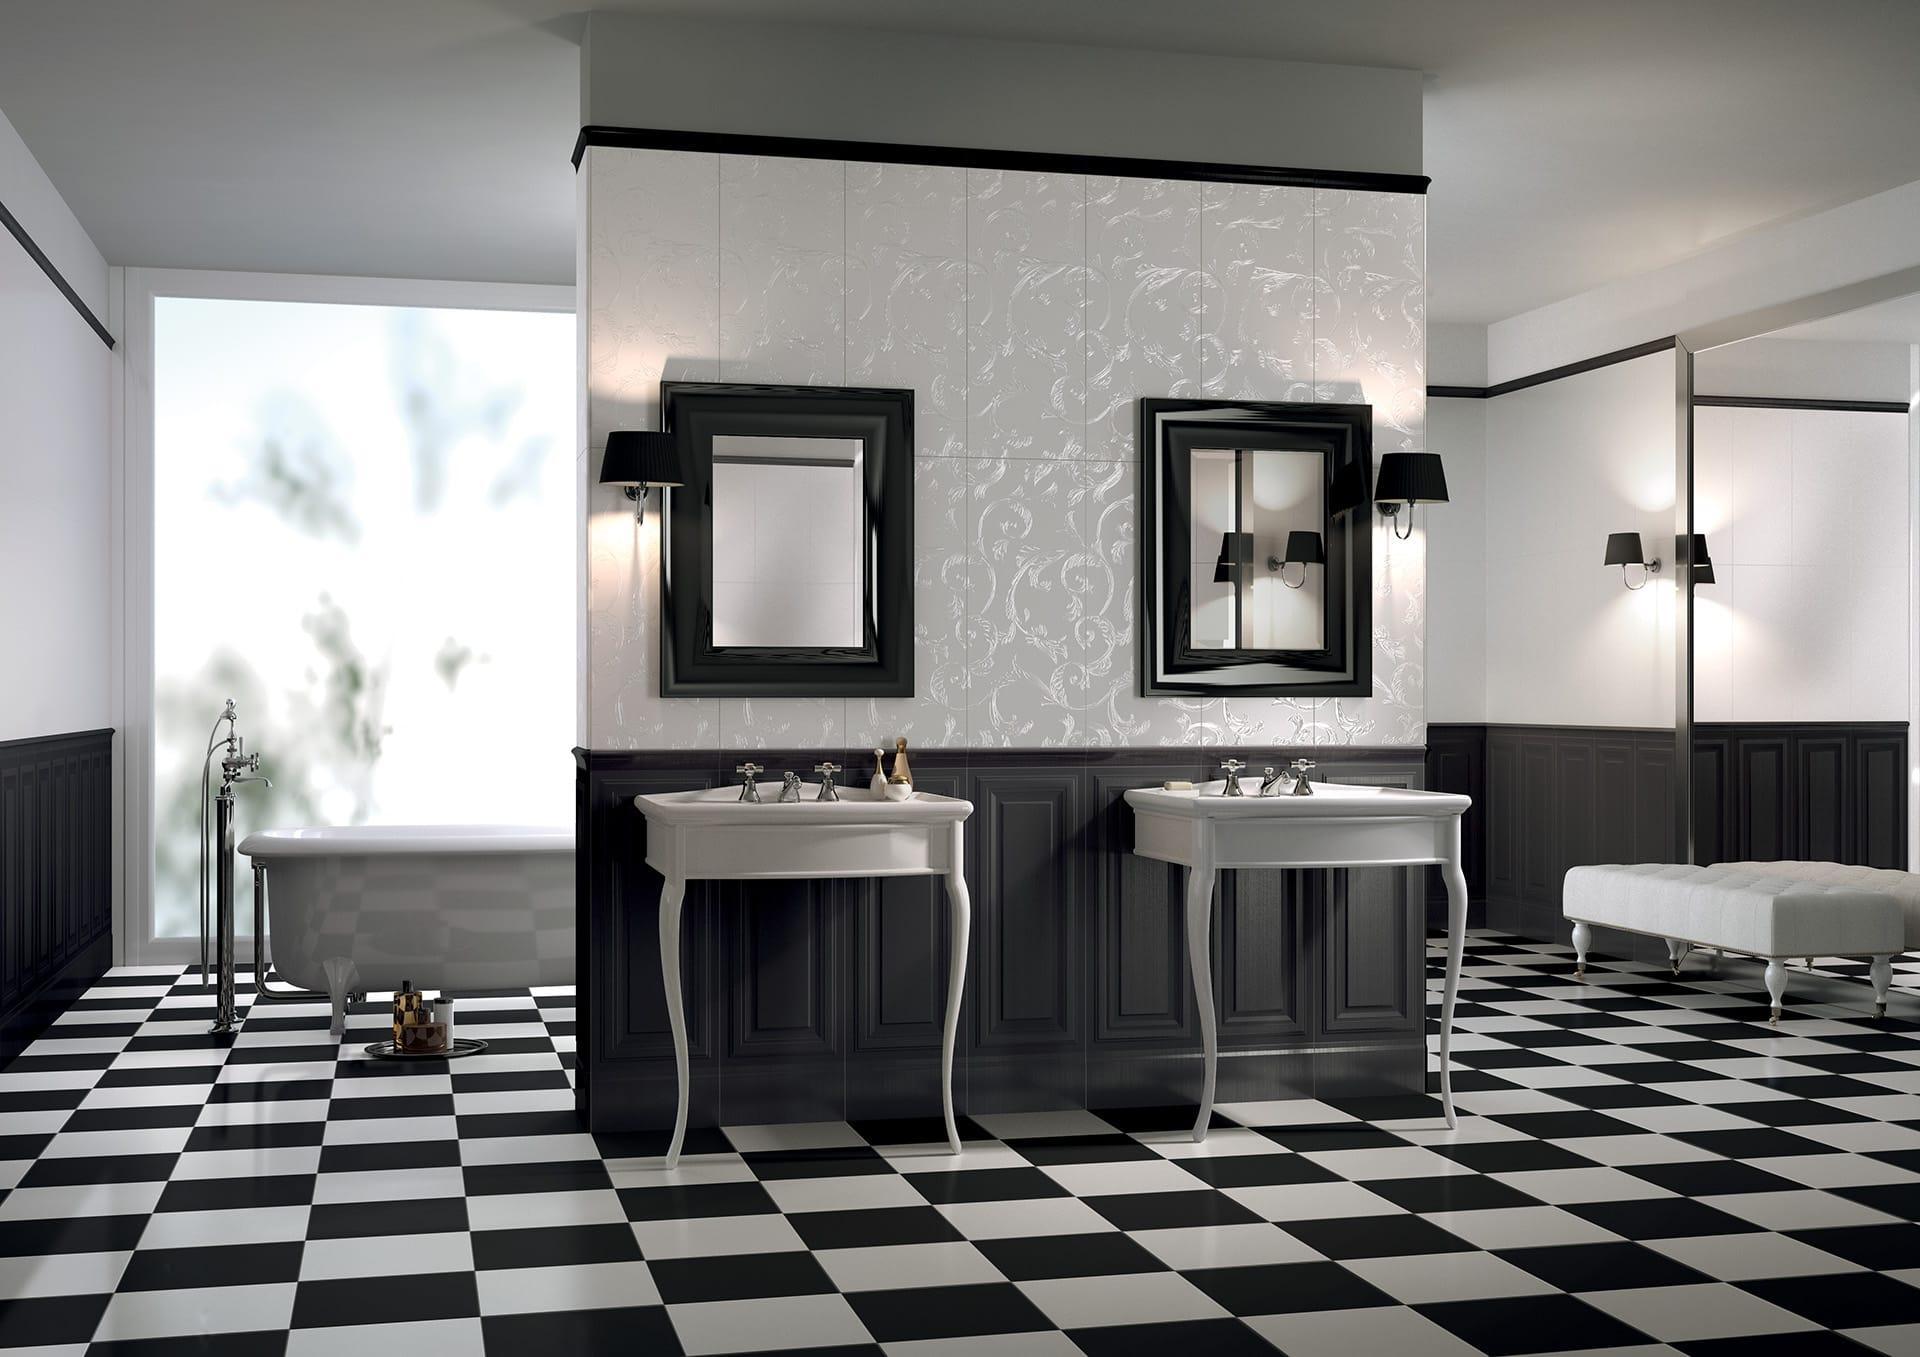 Rivestimento e pavimento liberty cisa ceramiche - Pavimento e rivestimento bagno uguale ...